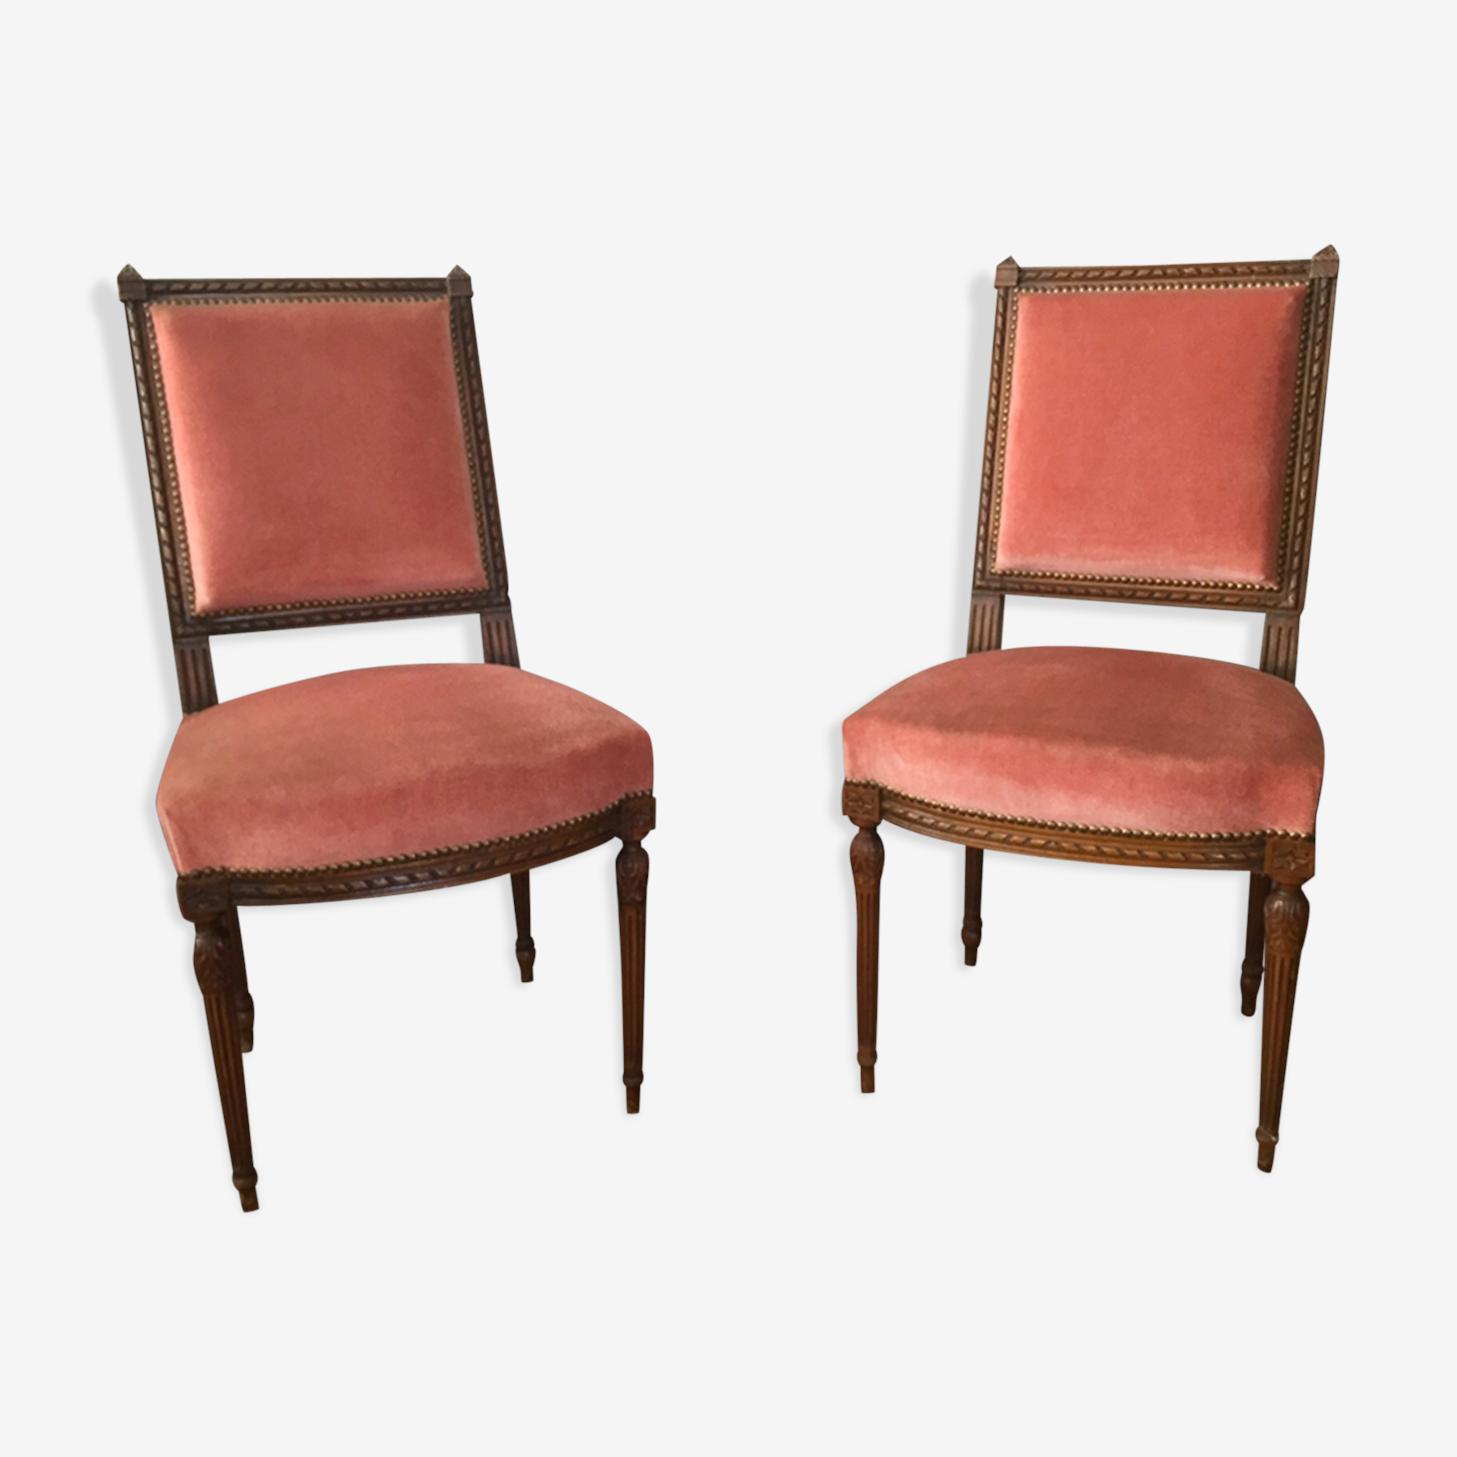 Paire de chaises de style Louis XVI velours